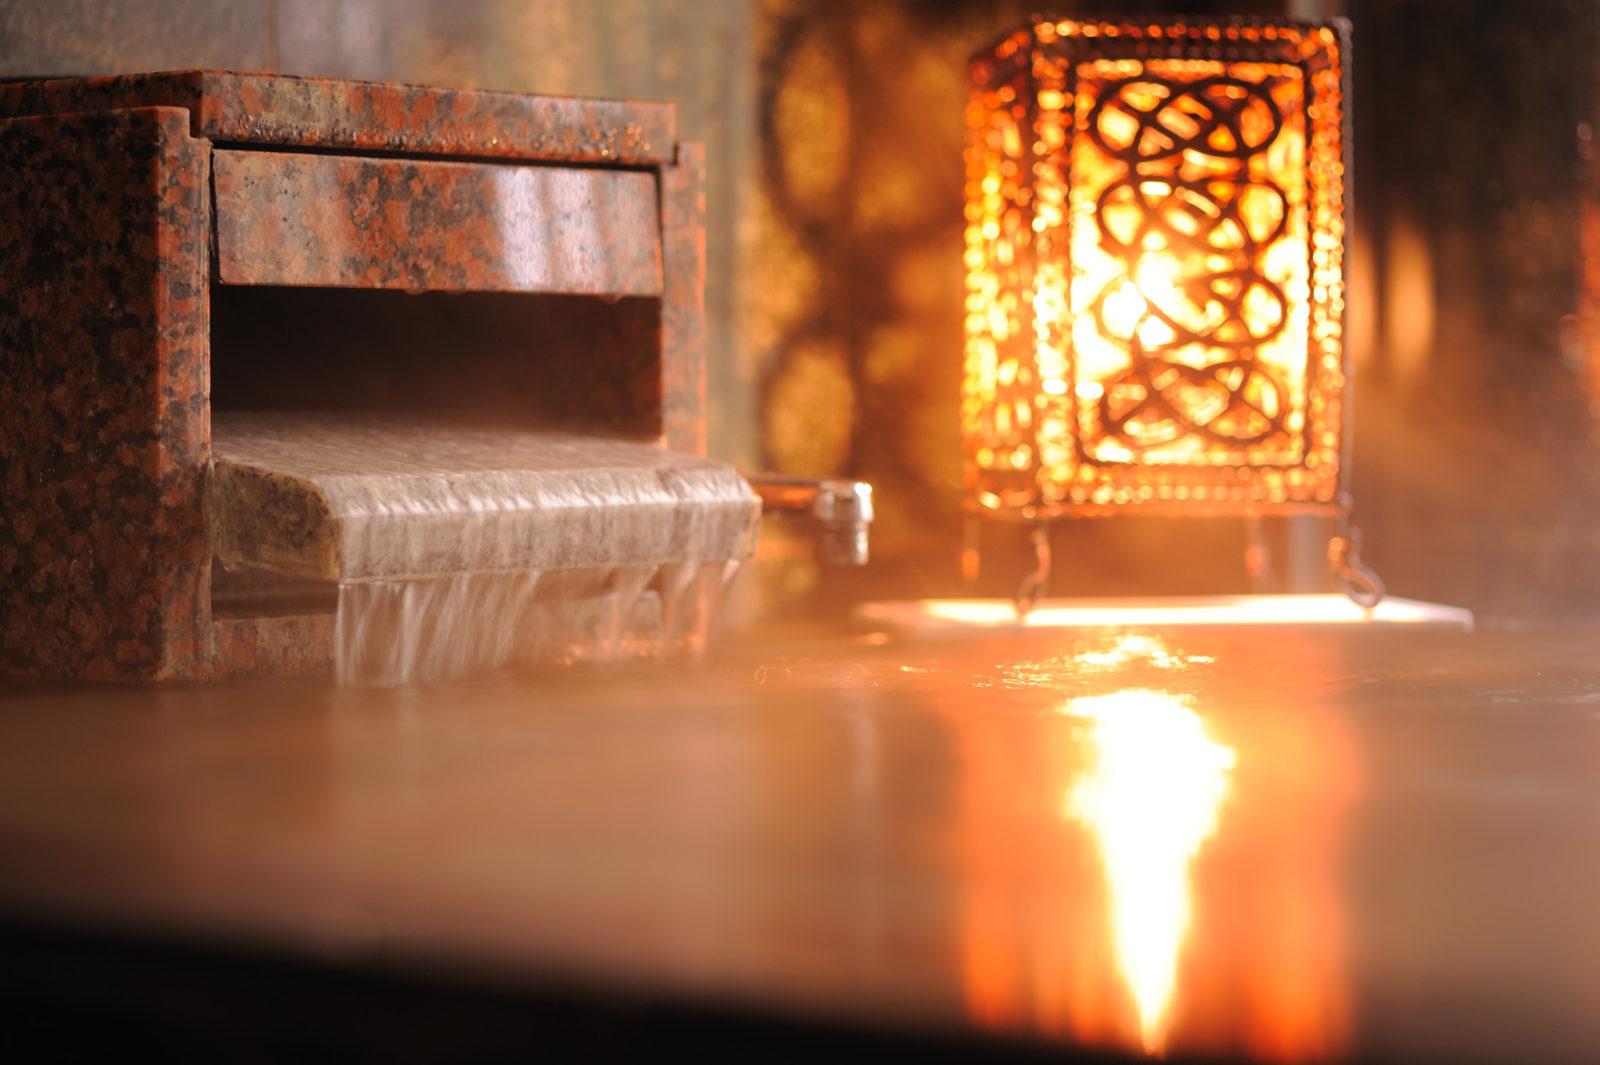 【天然温泉付き】源泉かけ流しの温泉を御部屋で楽しむ大和屋VIPプラン